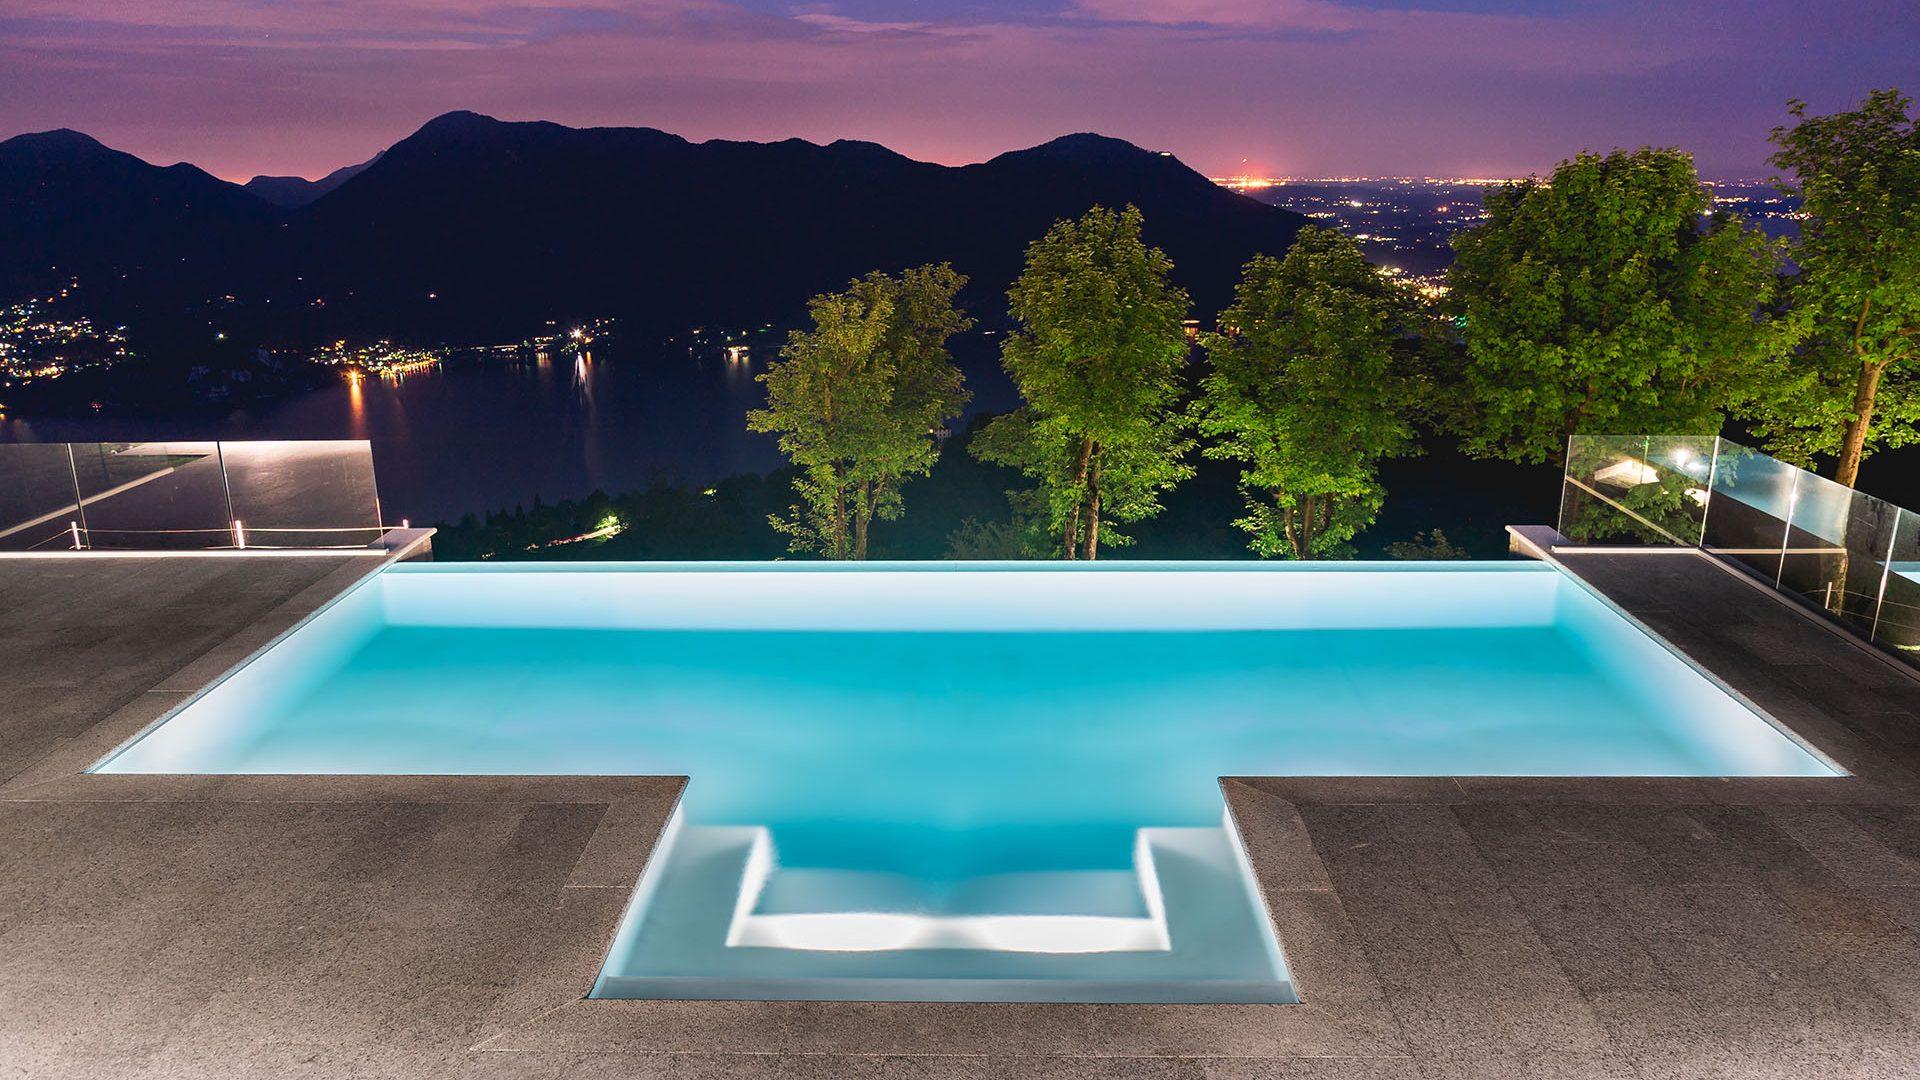 piscine verbano - villa confalonieri (5)